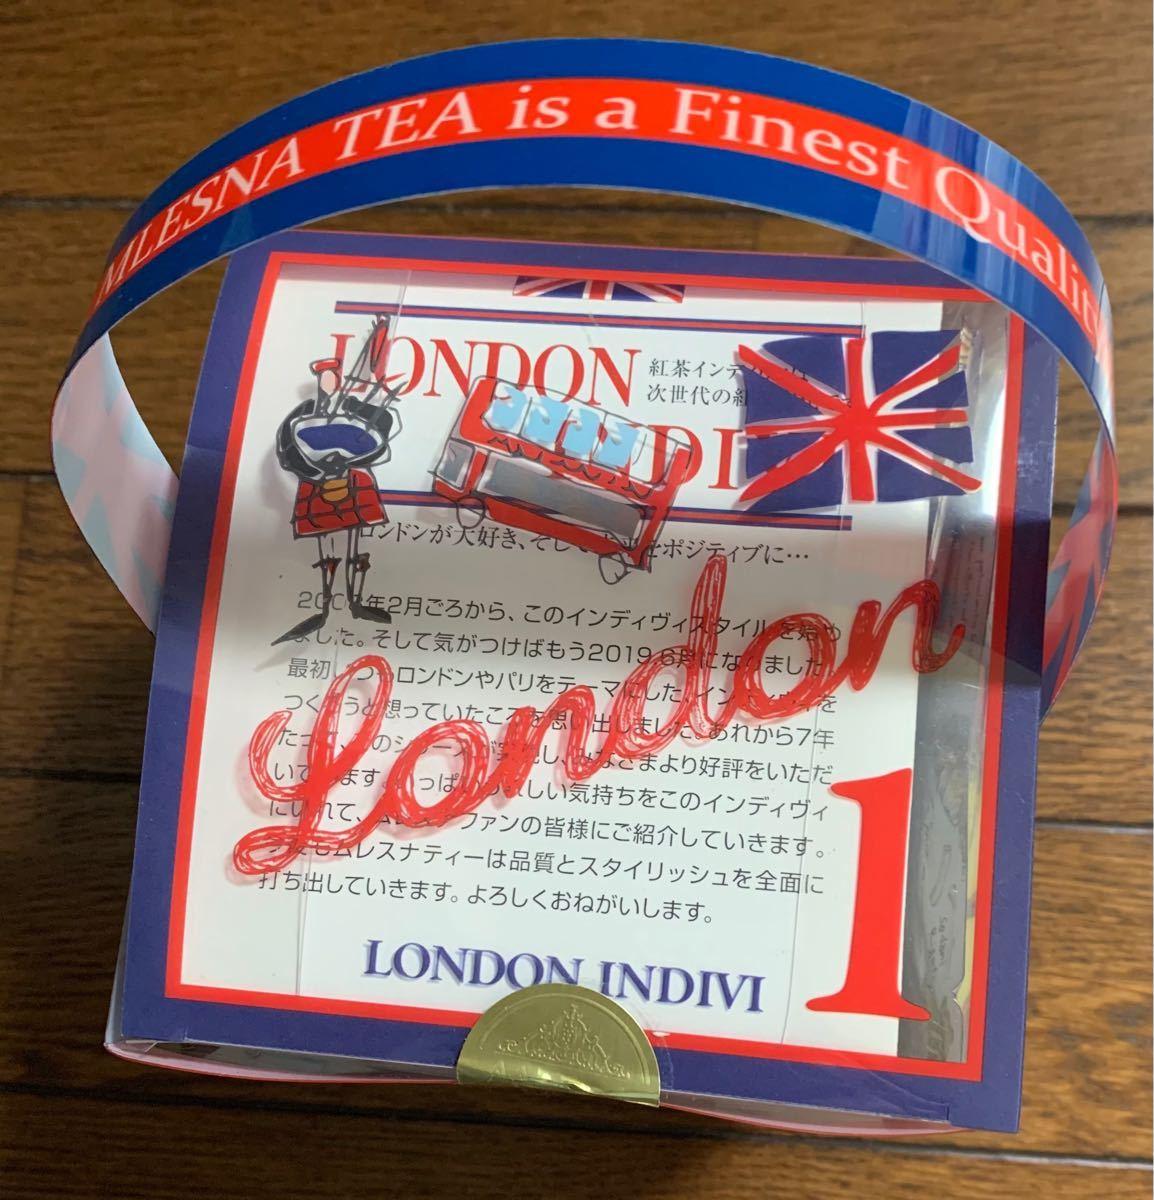 ムレスナティー 最高級の紅茶 フレーバーティー 12P入り MULESNA TEA